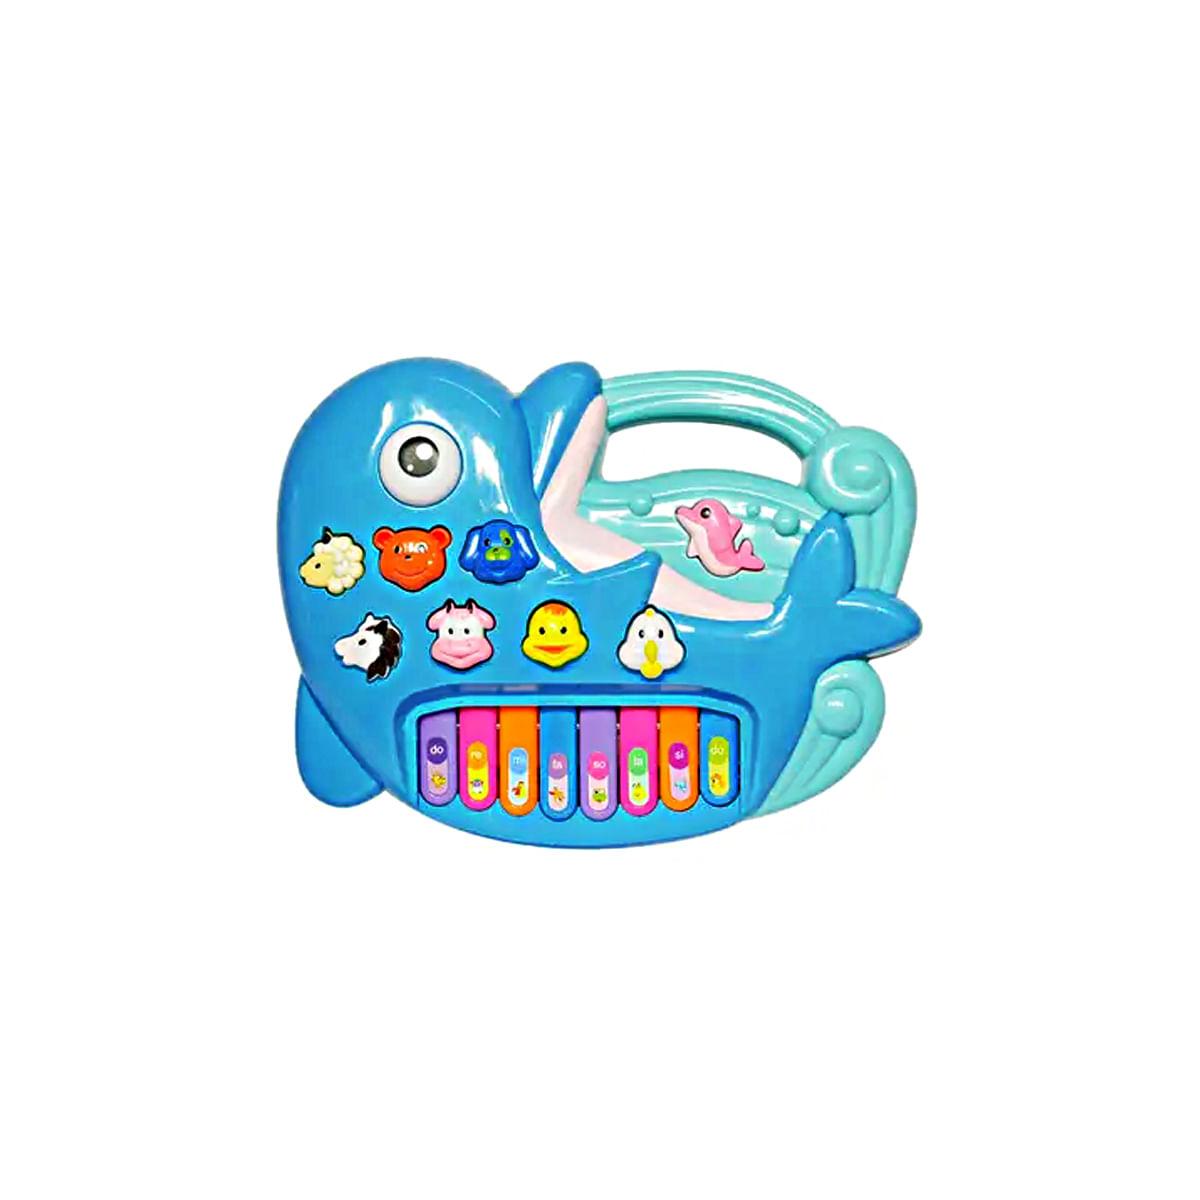 Teclado infantil didatico educativo para bebe 1 ano Golfinho azul luzes e som BBR